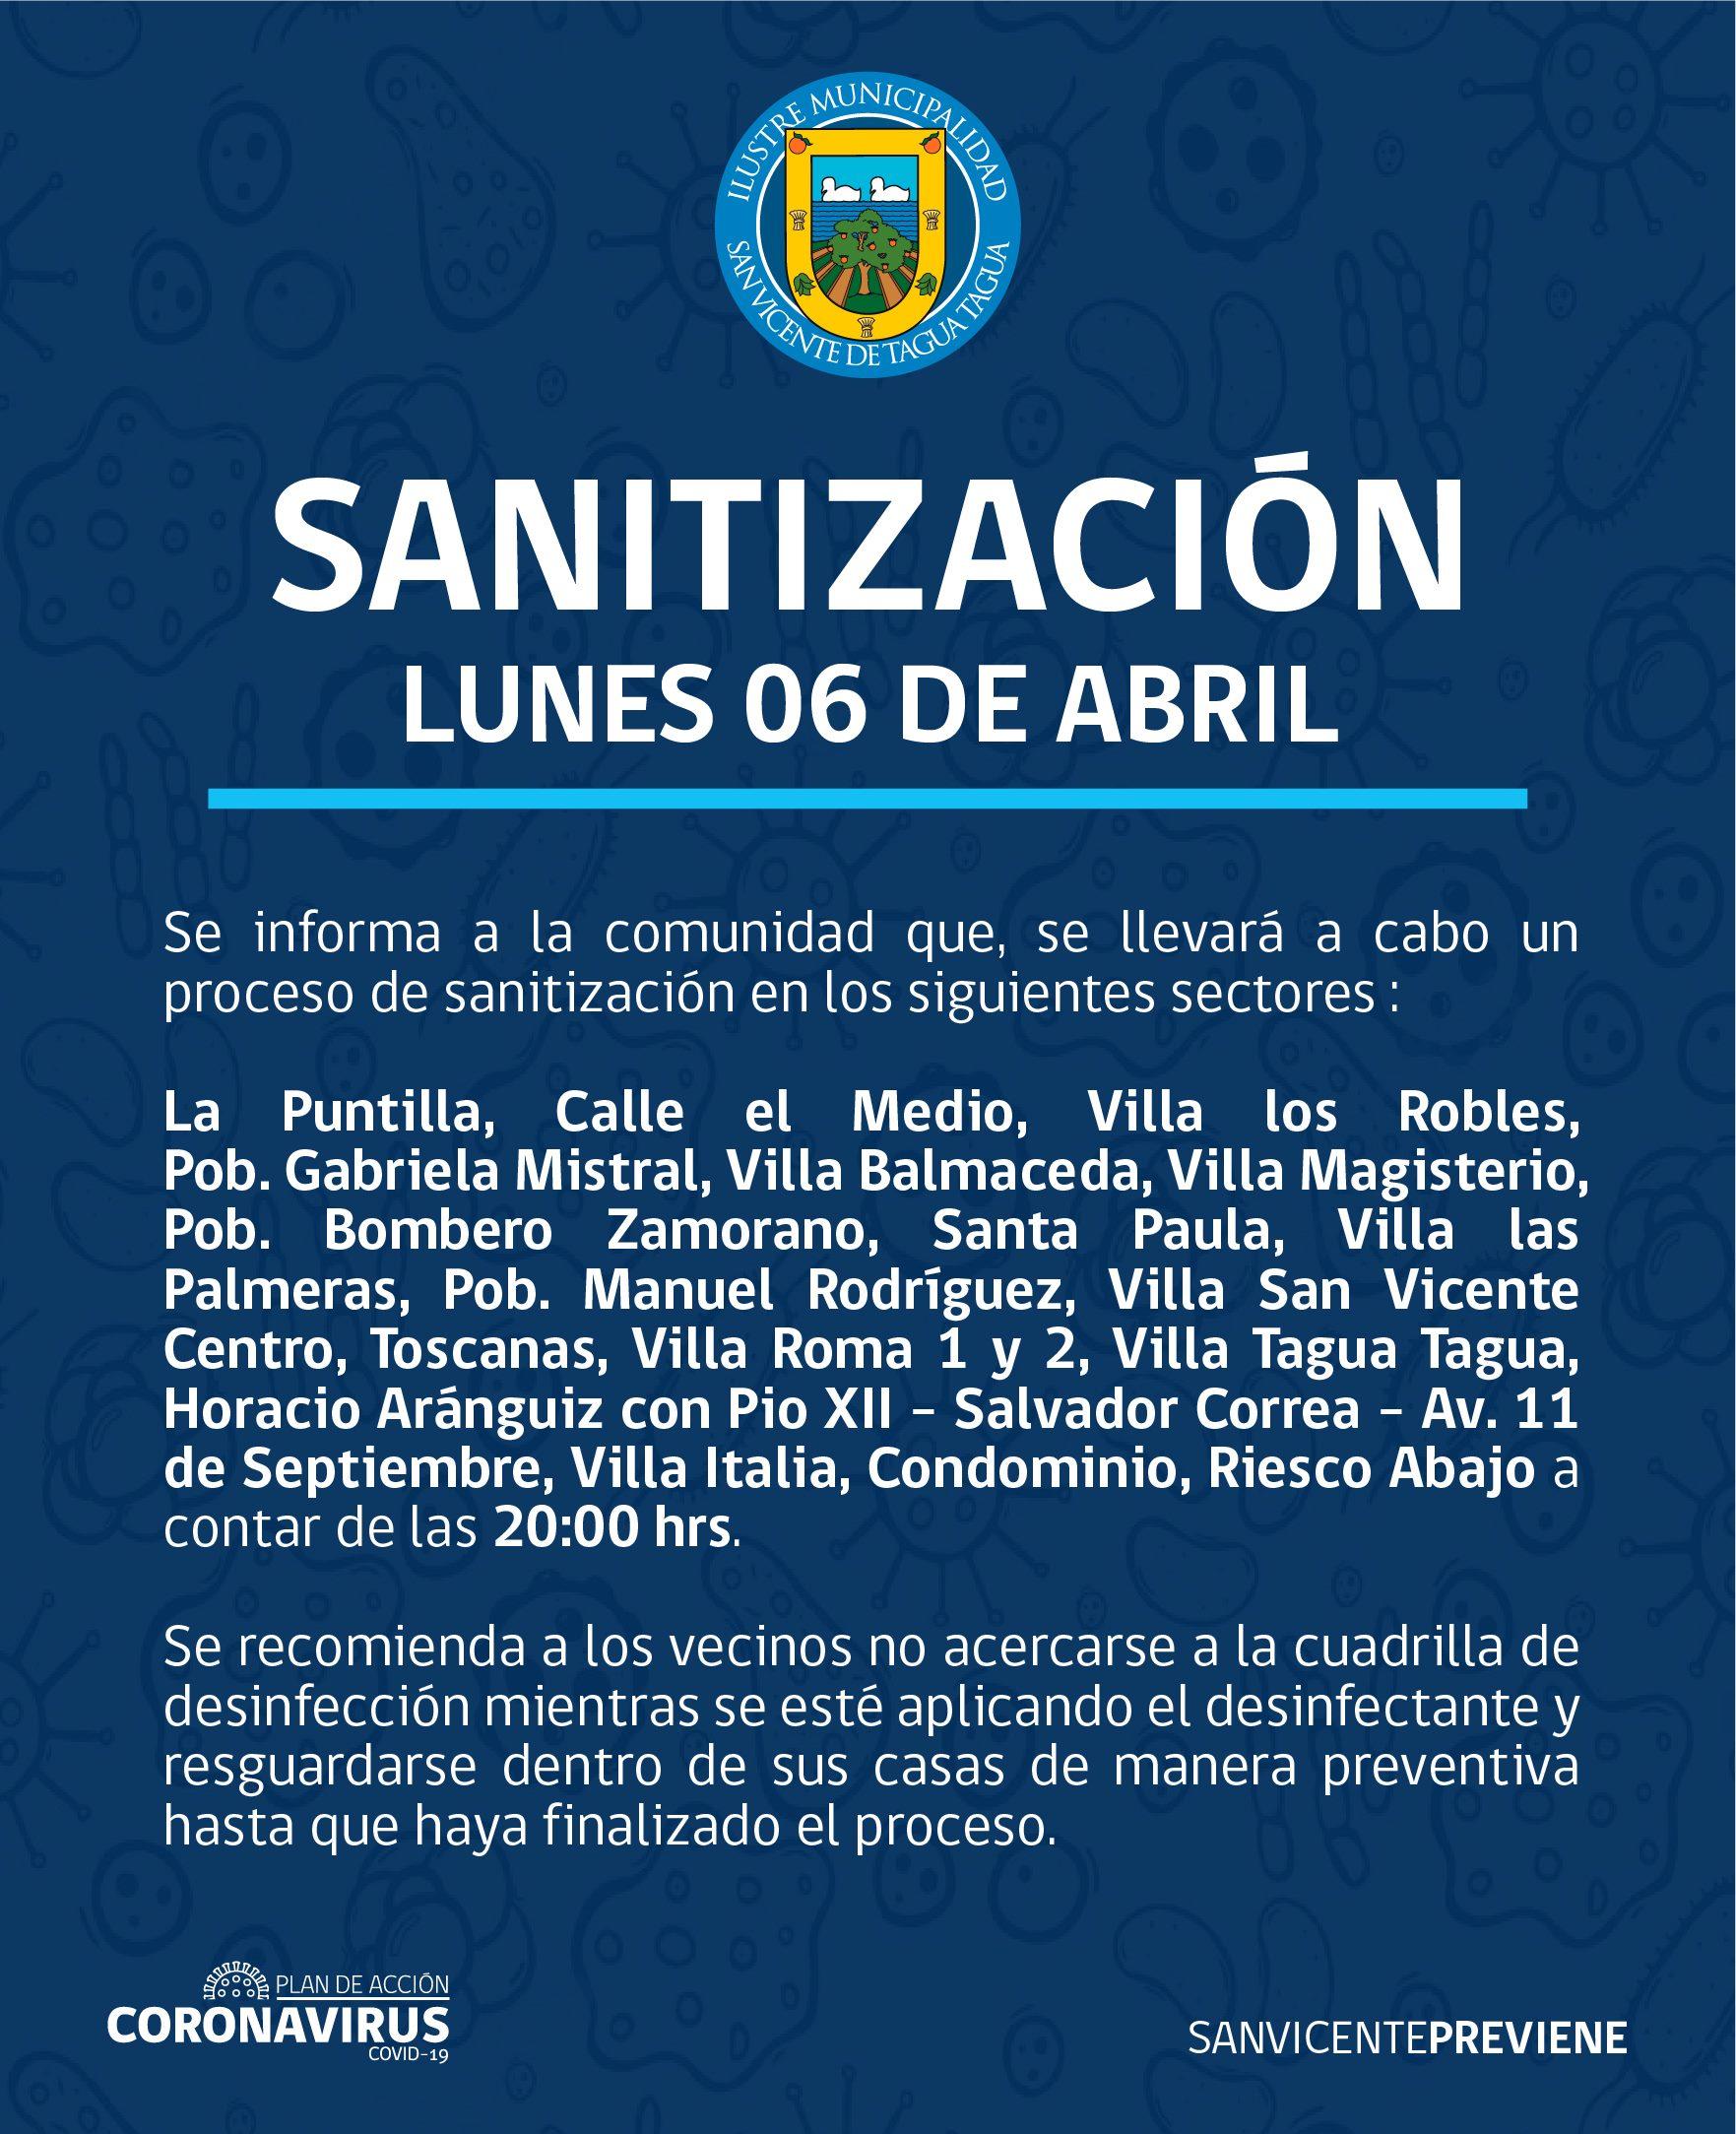 SE INFORMA SANITIZACIÓN PROGRAMADA PARA HOY LUNES 6 DE ABRIL